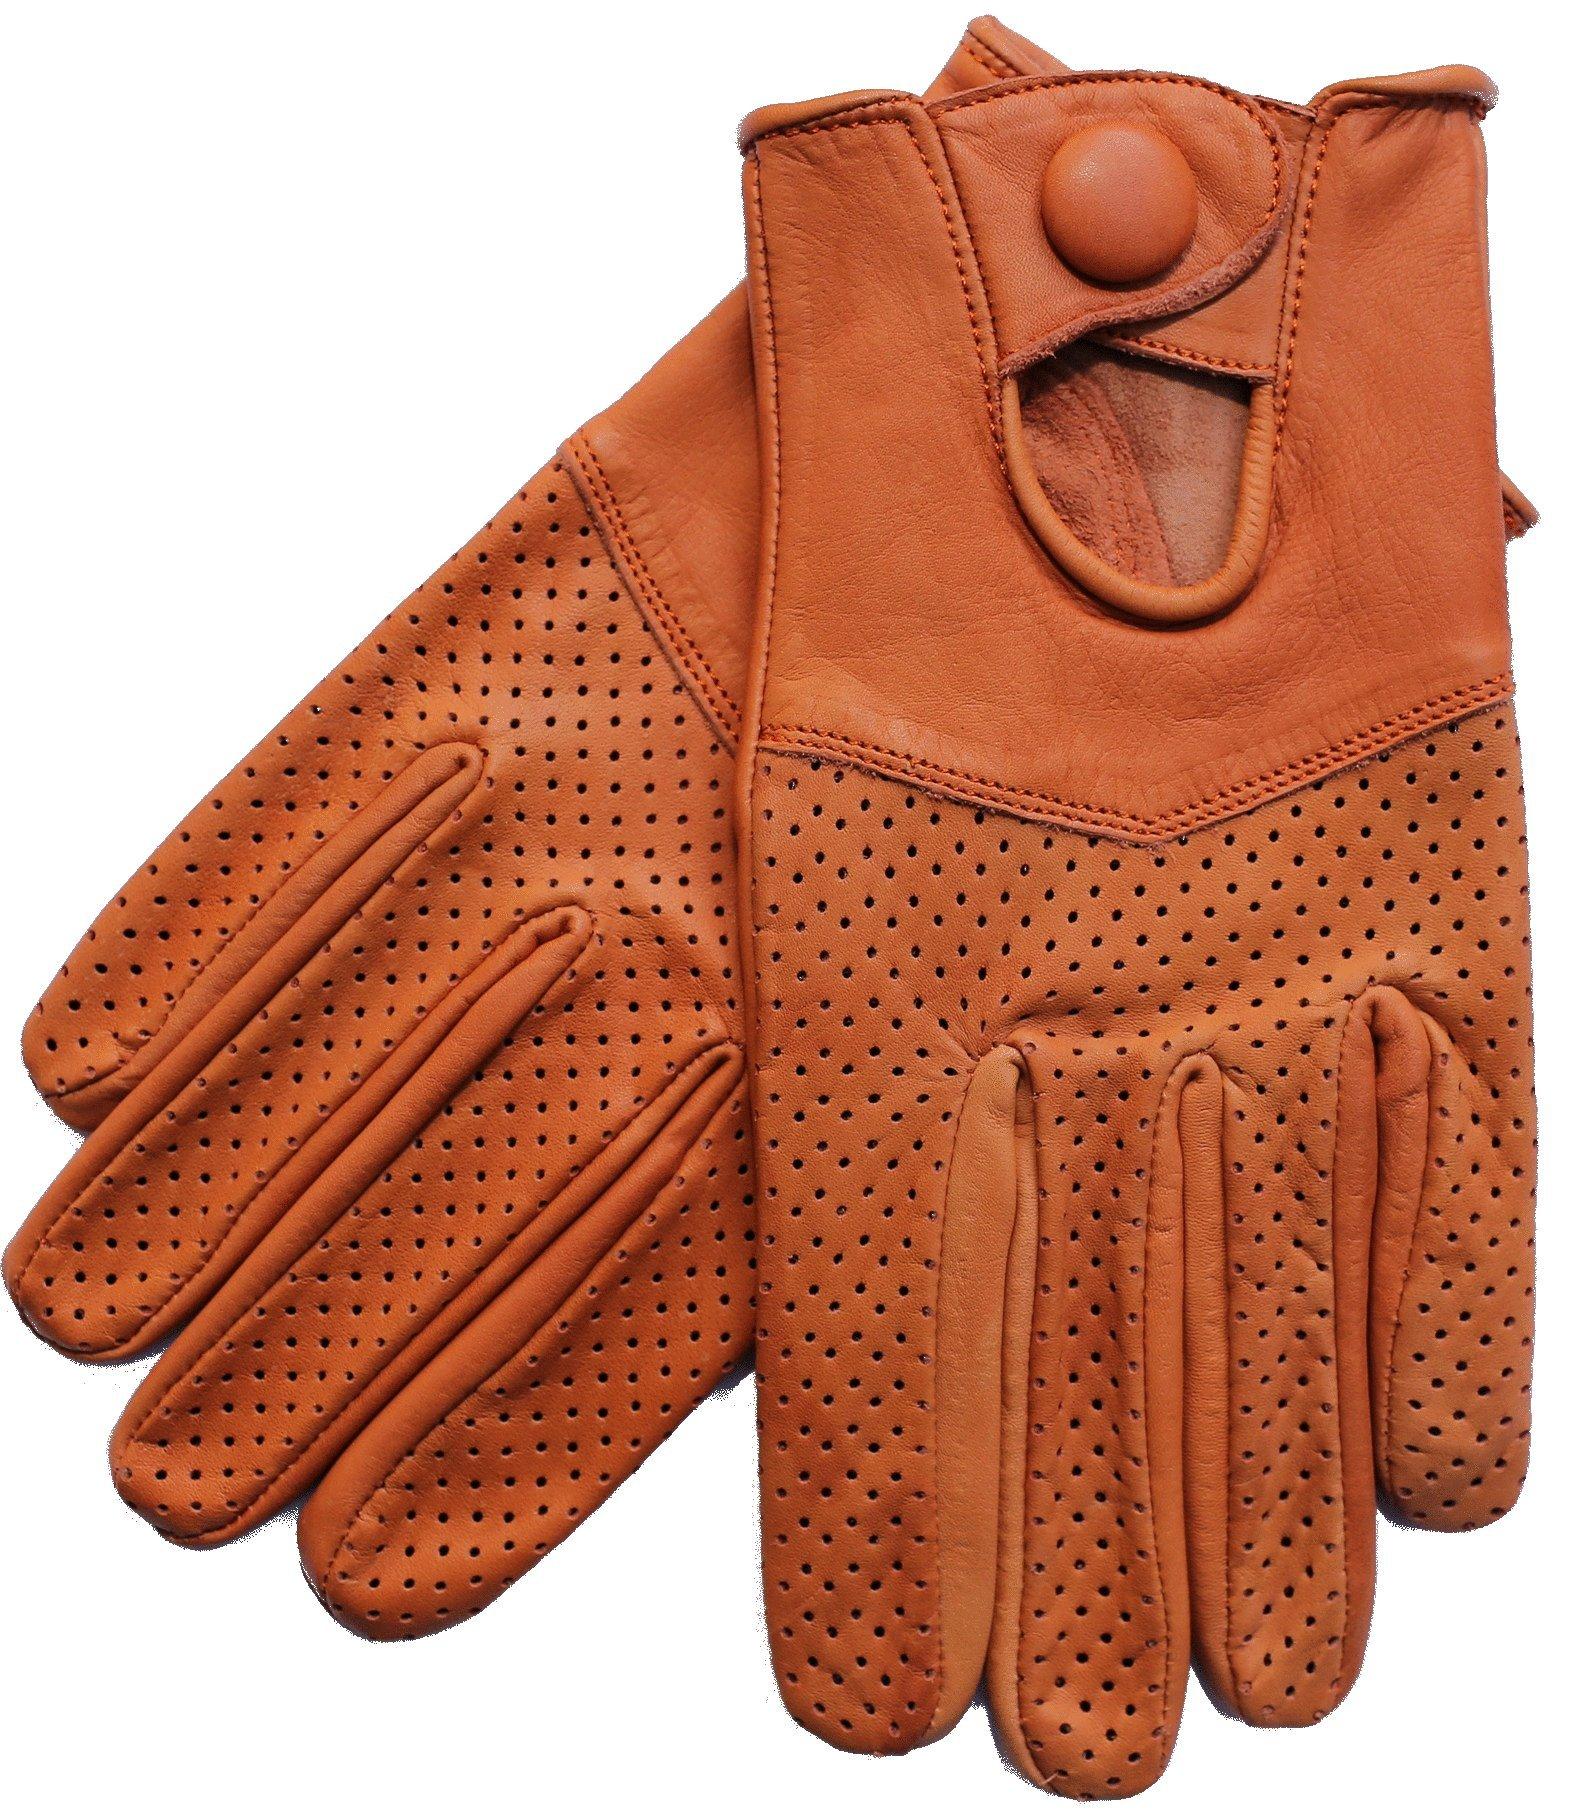 Riparo Motorsports Men's Leather Driving Gloves X-Large Cognac by Riparo Motorsports (Image #1)